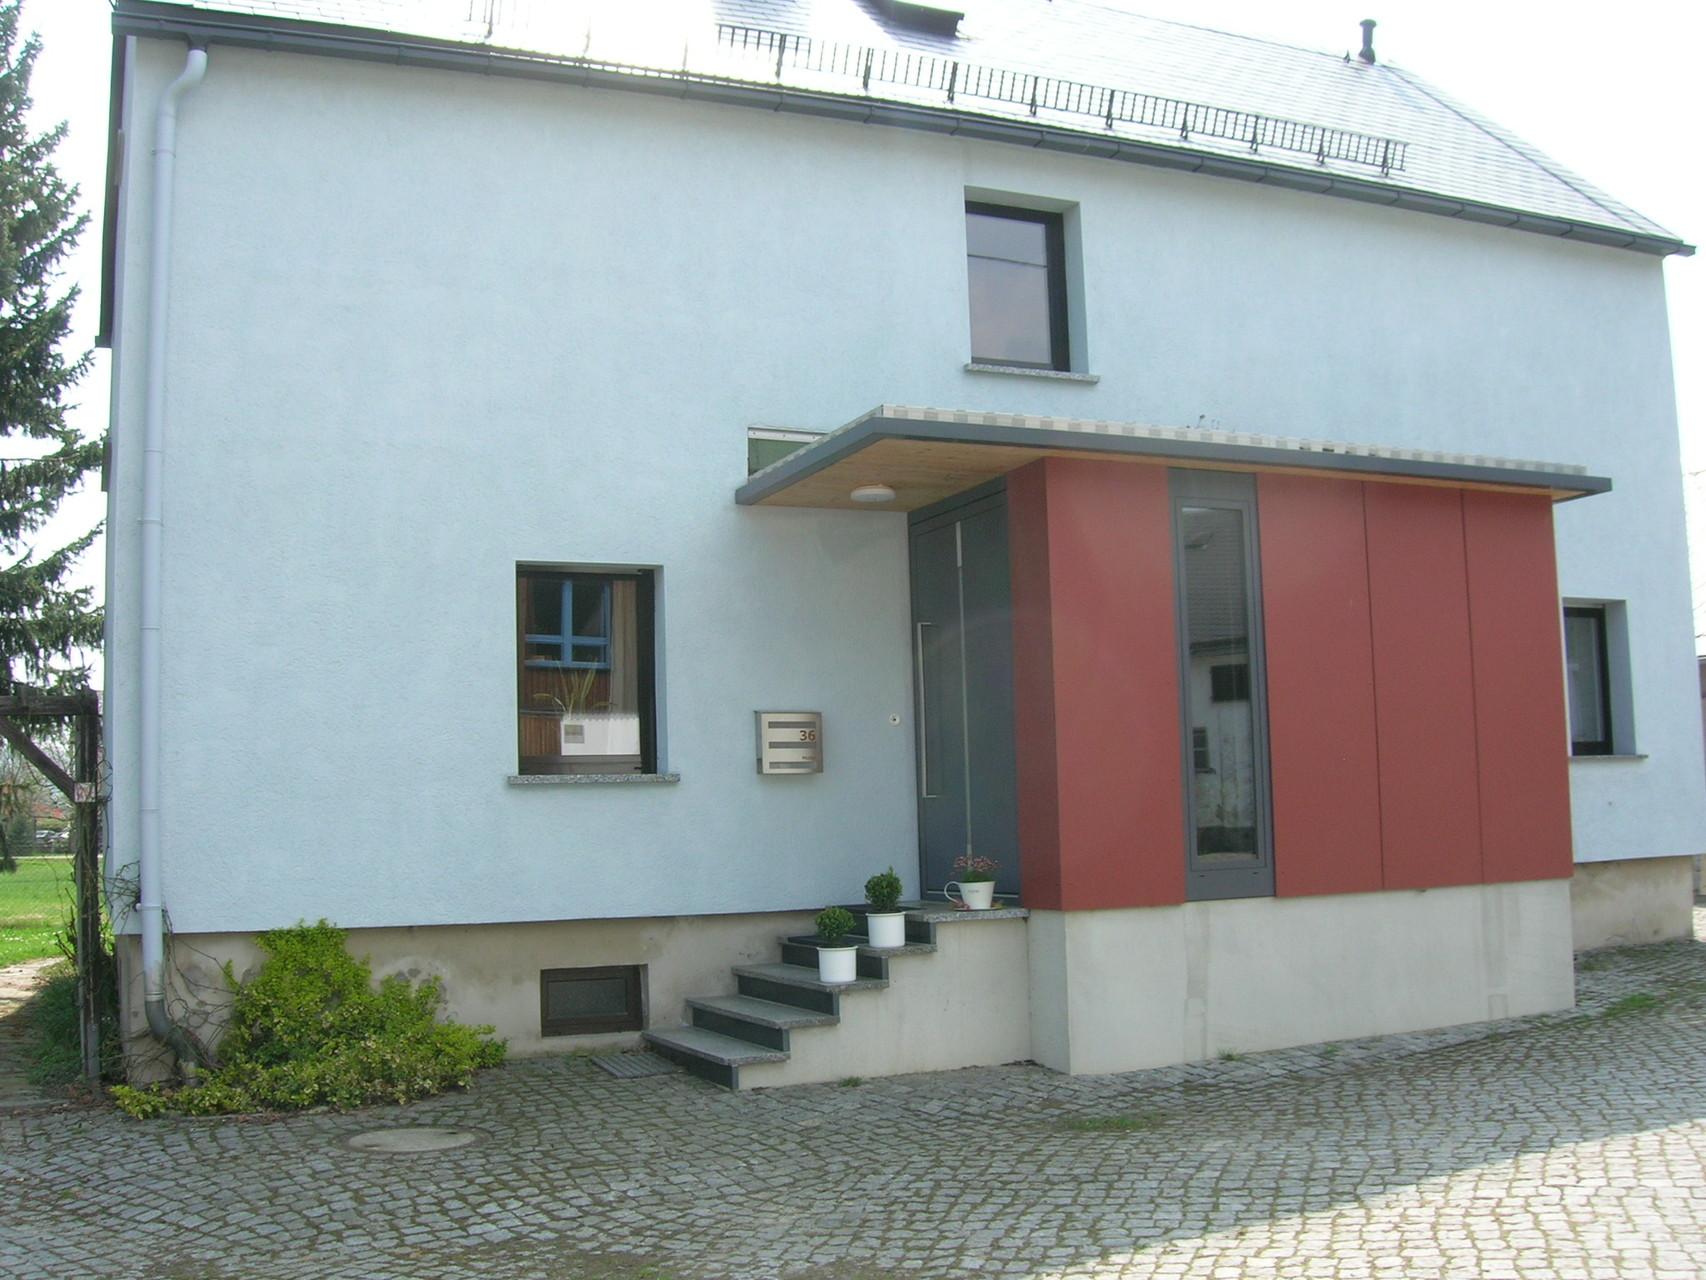 Wohnhaussanierung, Gersdorf, 2010